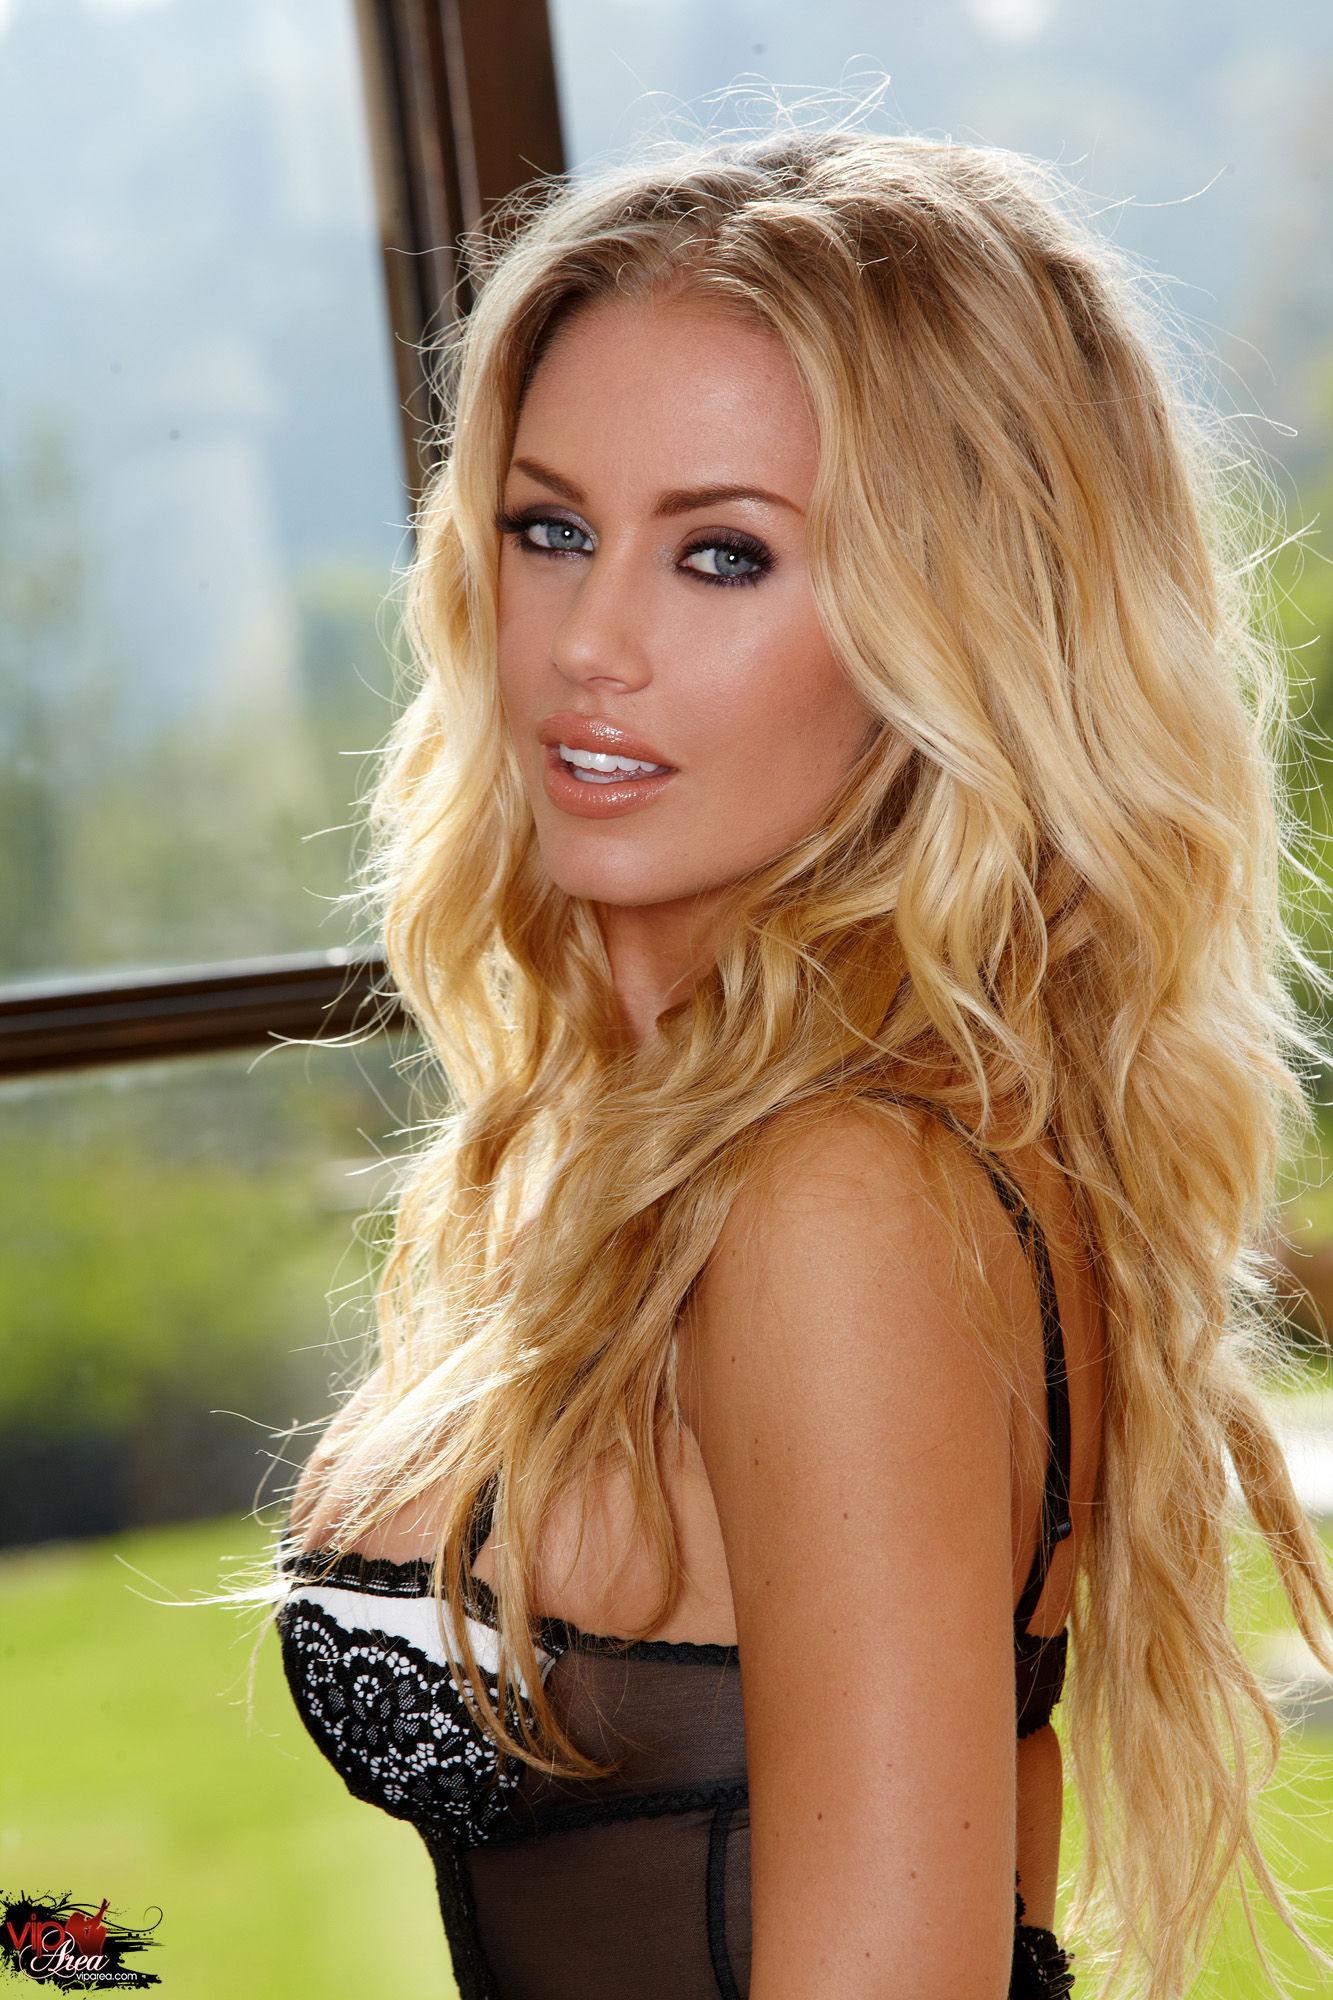 Сексуальная блондинка николь энистон 20 фотография